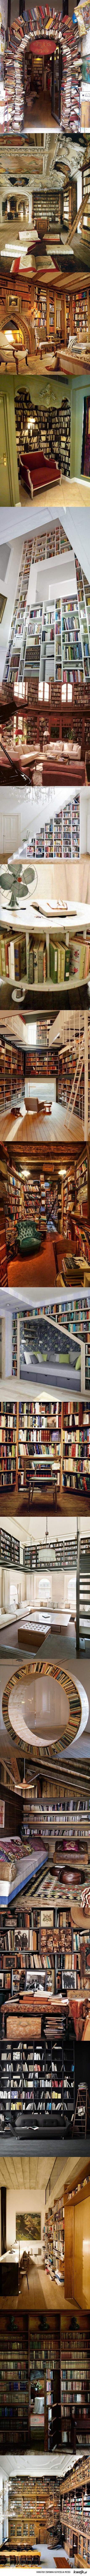 książki♥♥♥